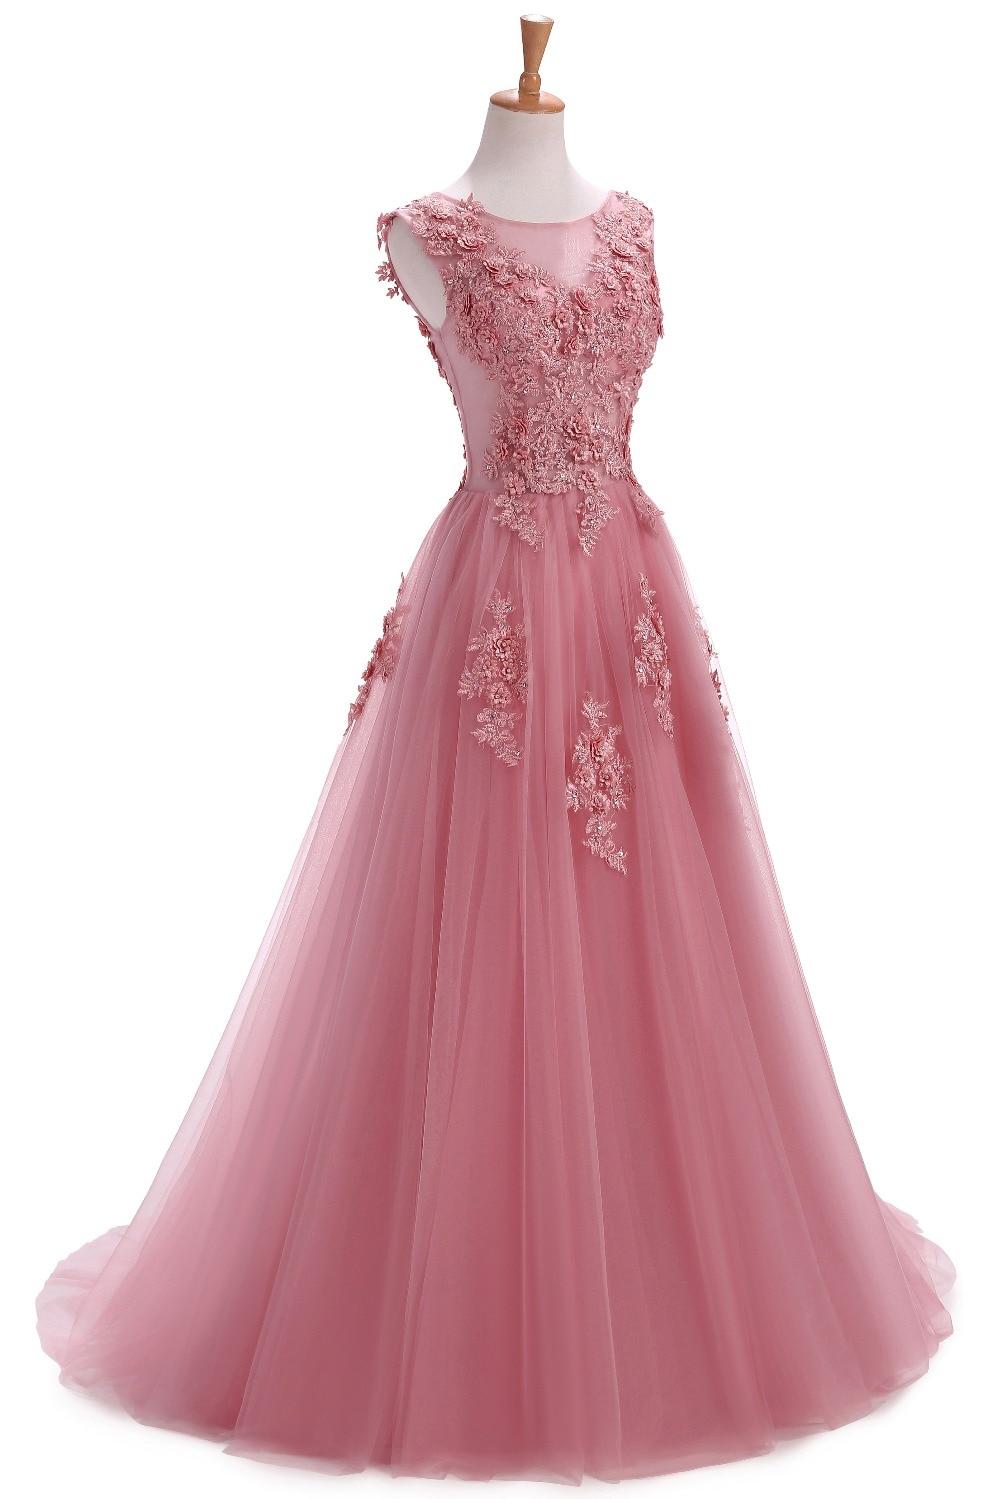 Ροζ ντε Σόιρεε Βραδινά Φορέματα - Ειδικές φορέματα περίπτωσης - Φωτογραφία 3